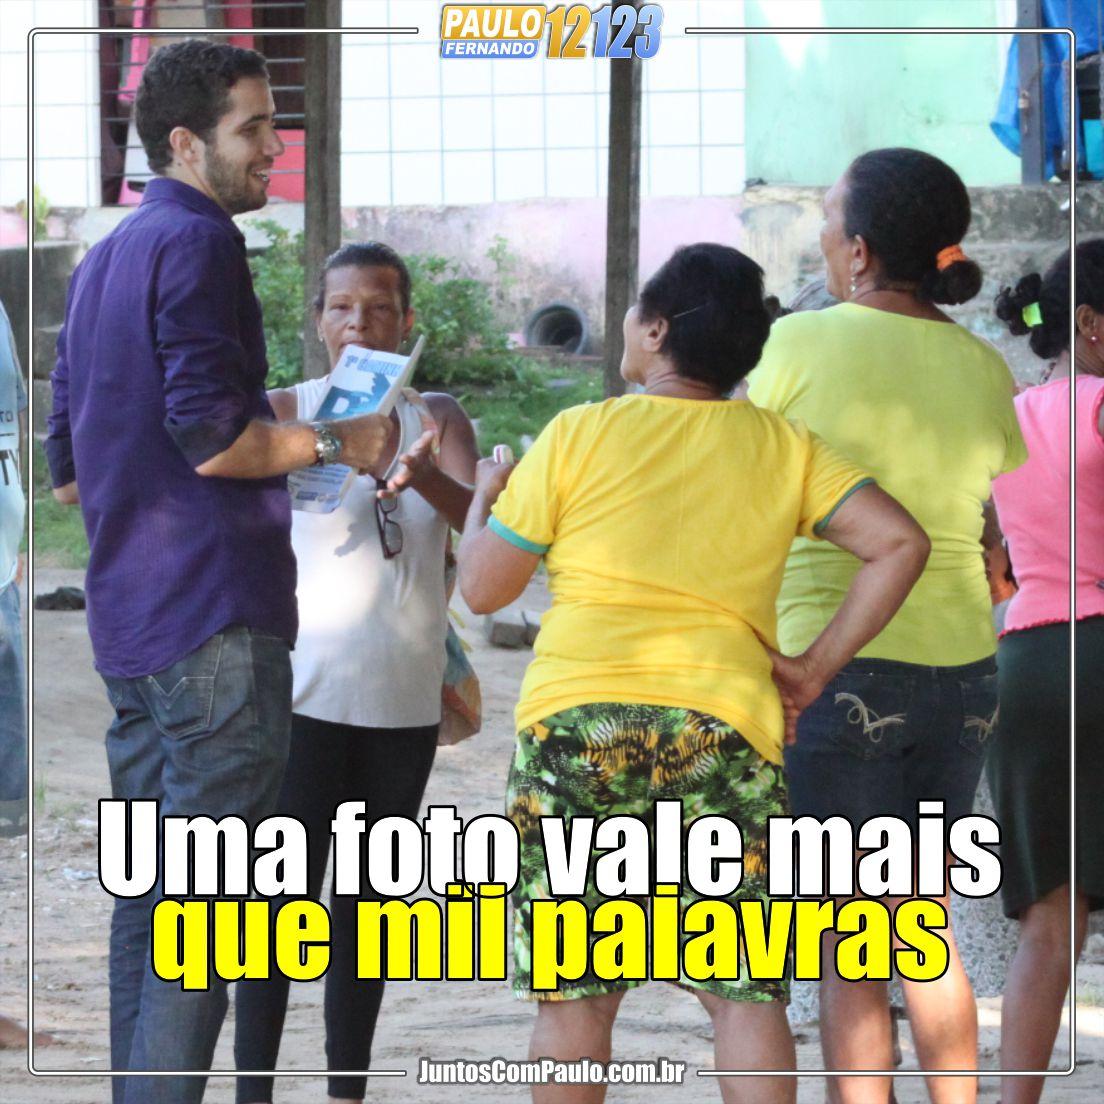 paulo-fernando-e-o-candidato-mais-preparado-para-camara-municipal-do-paulista